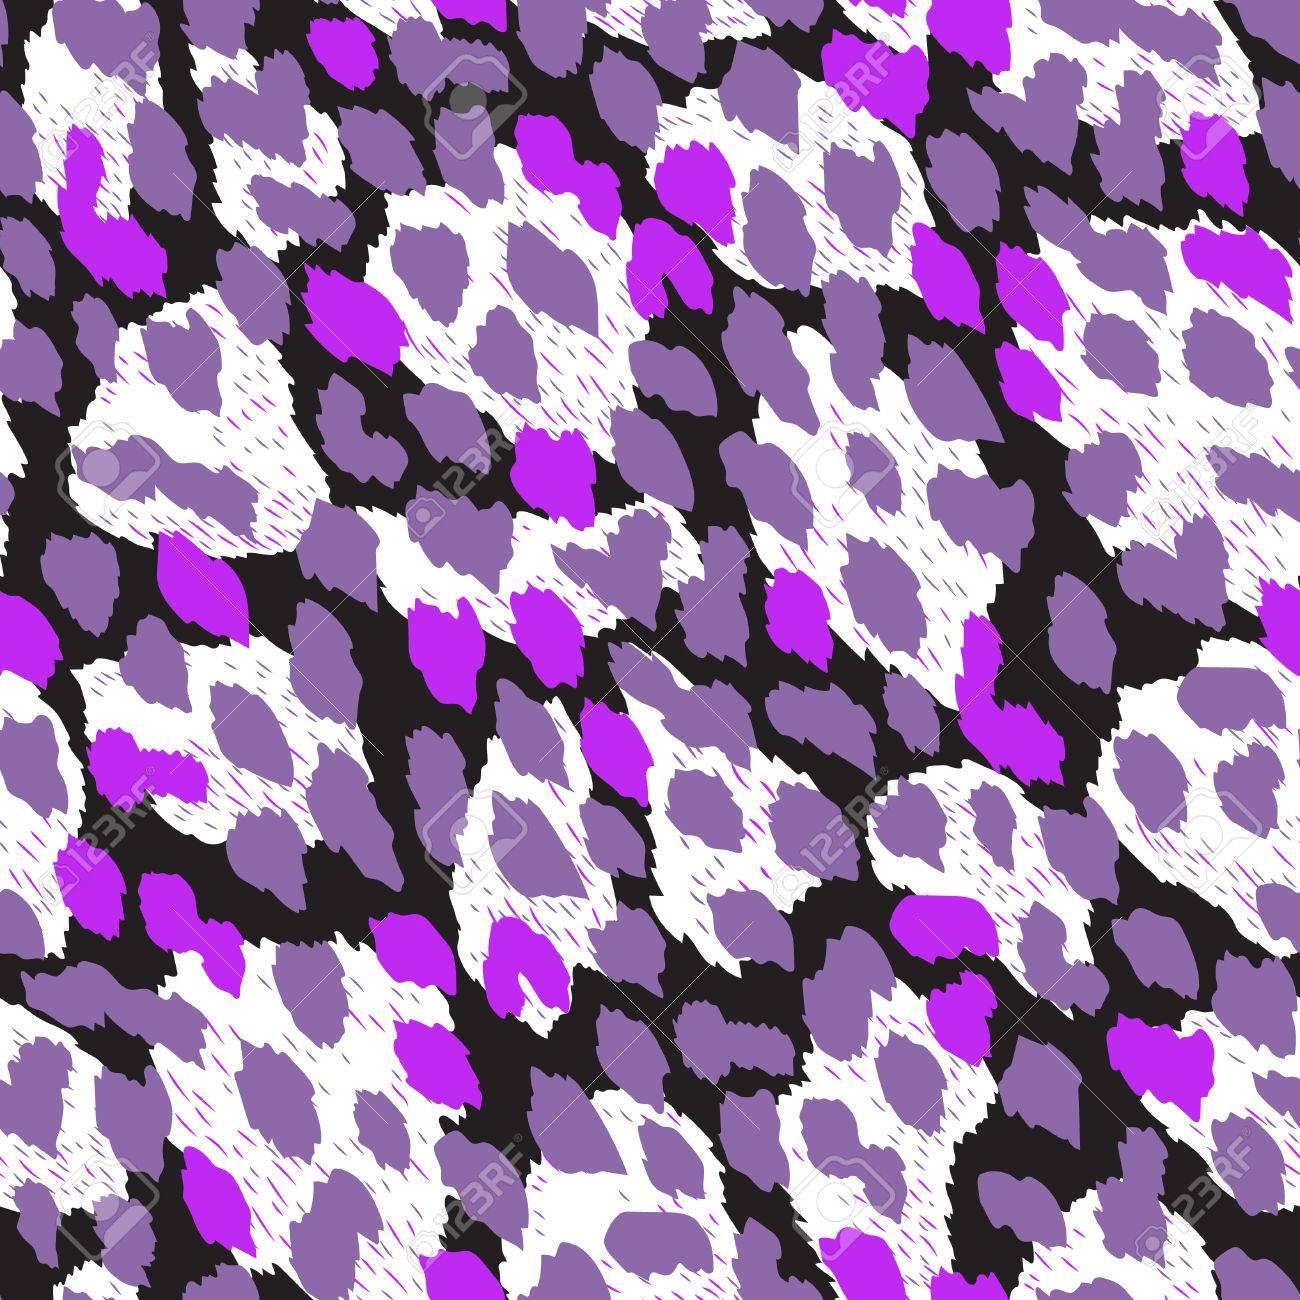 動物のシームレス パターンのベクトルの背景 ヒョウのカラフルな混合パターン キリンを毛皮します 創造的な動的ファッション パターン 印刷 壁紙 テキスタイル のイラスト素材 ベクタ Image 59893648